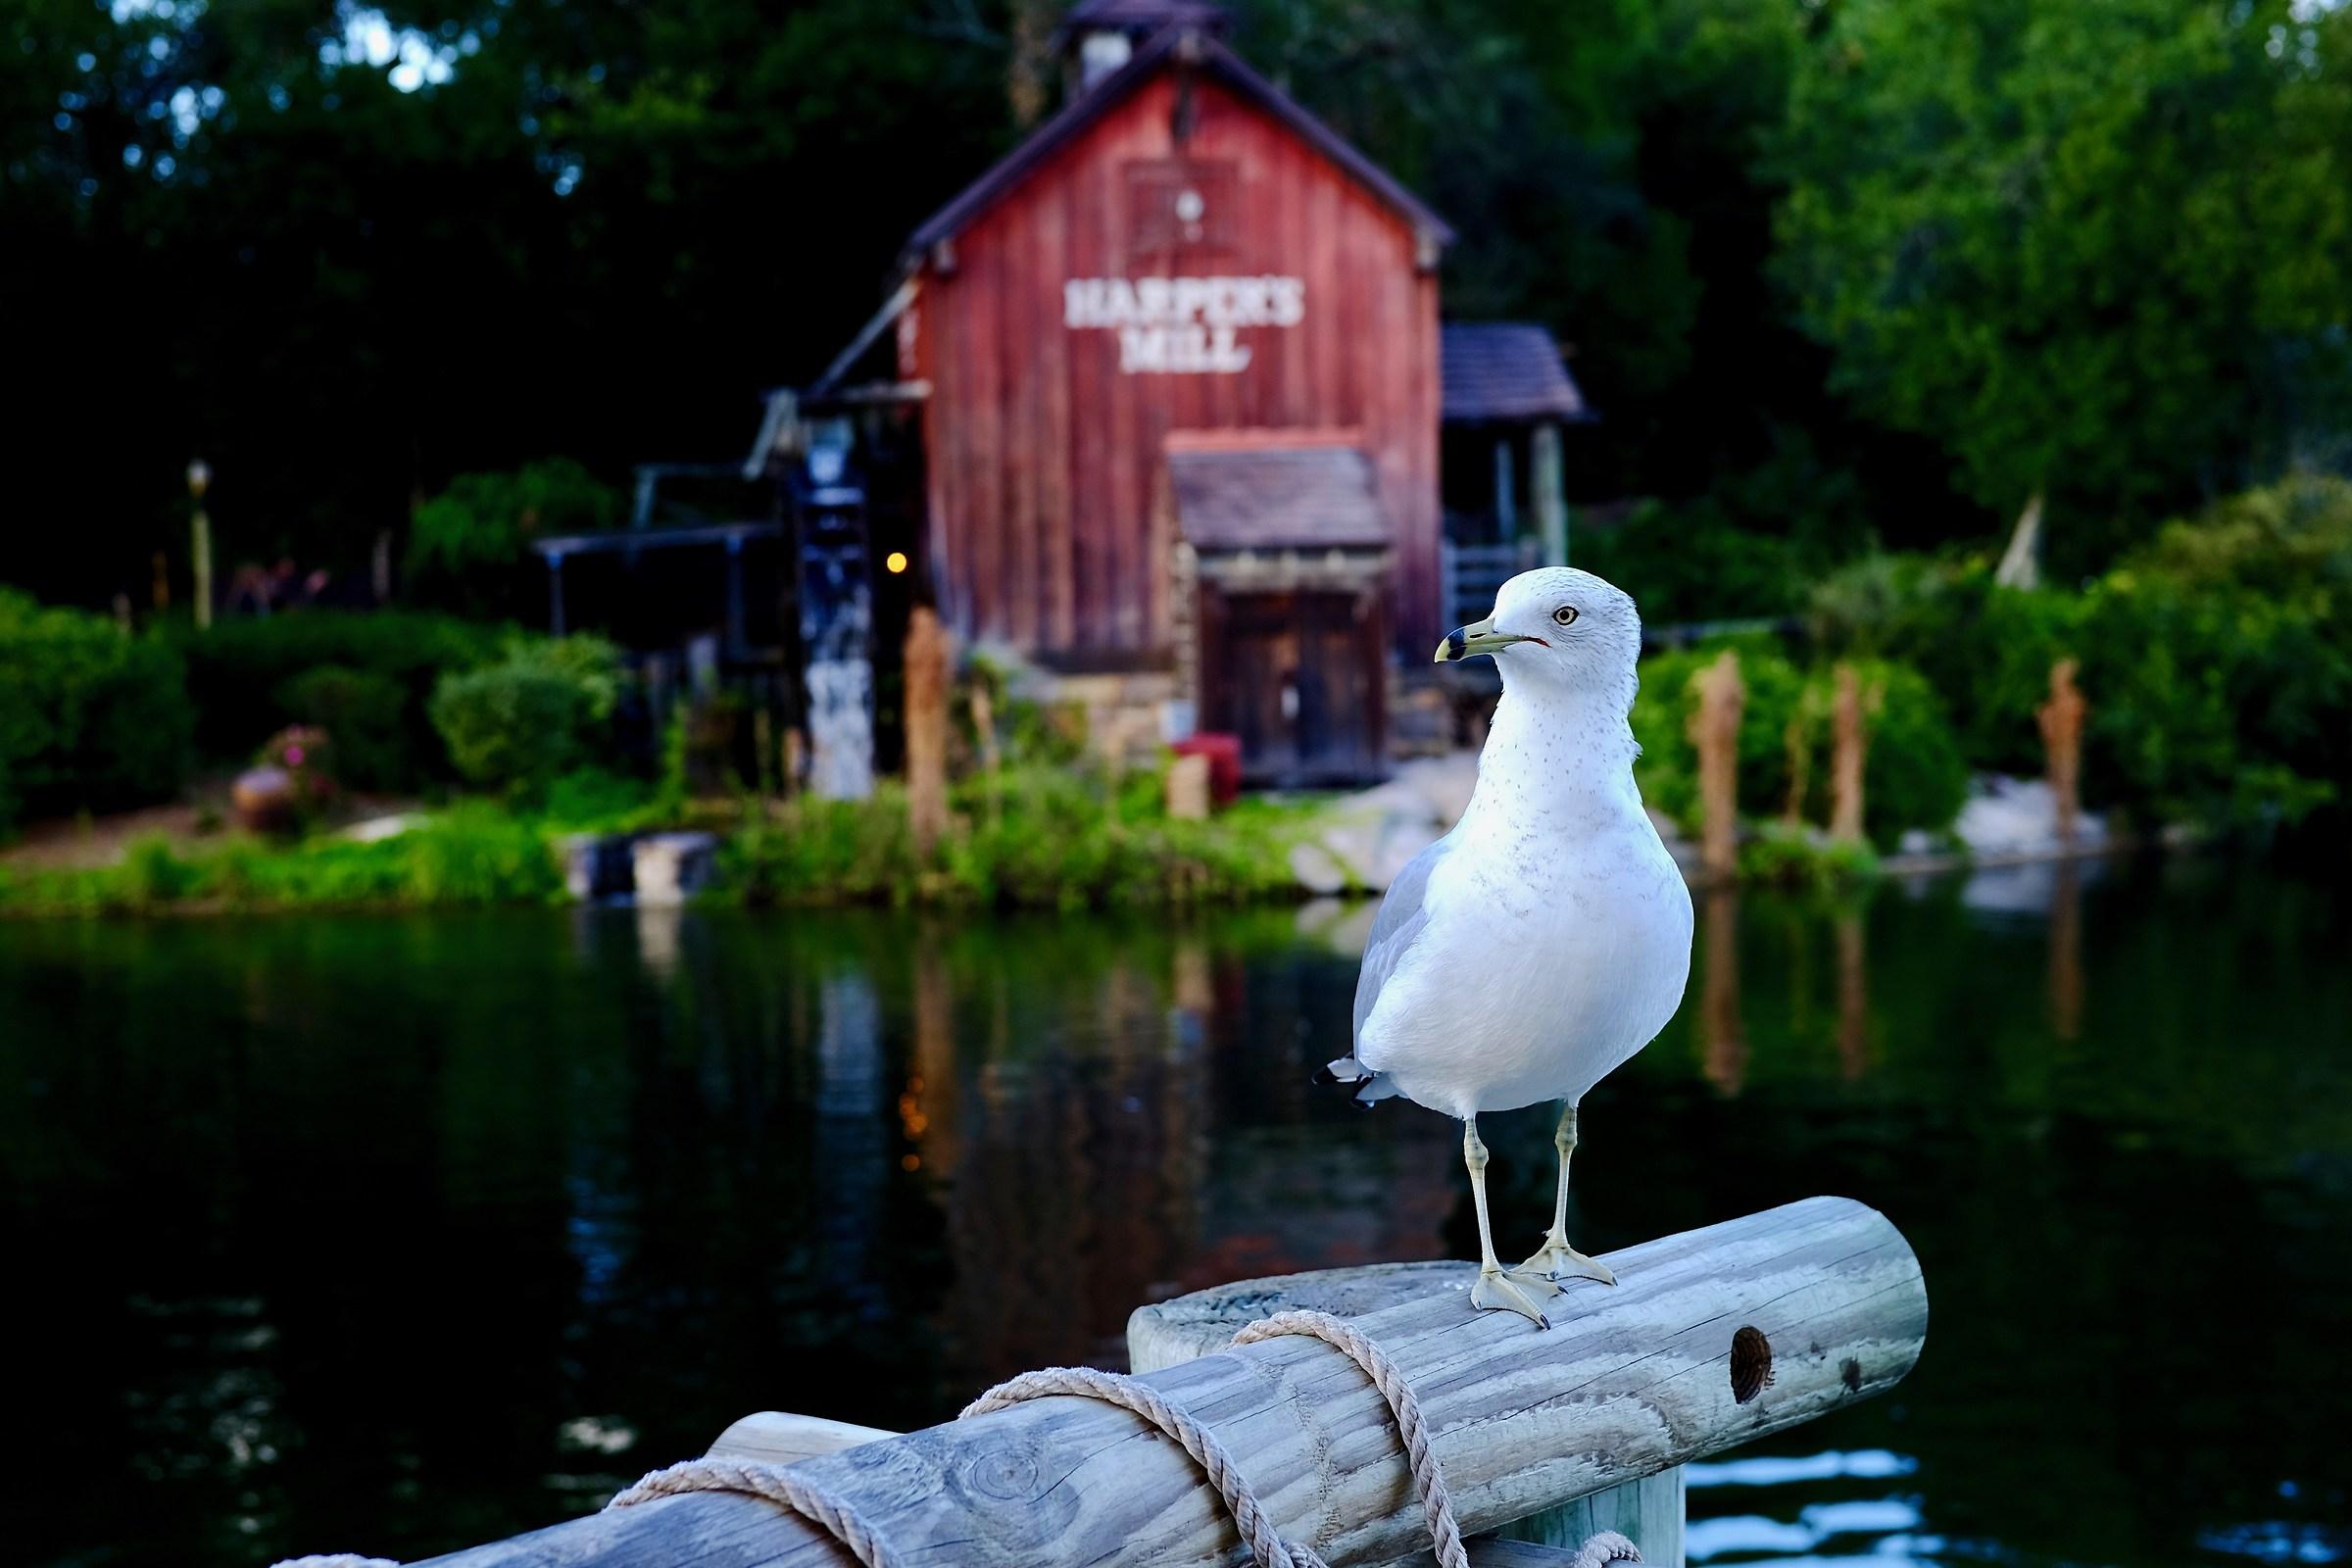 Il mondo di walt disney juzaphoto for Mondo selvaggio di cabine disney